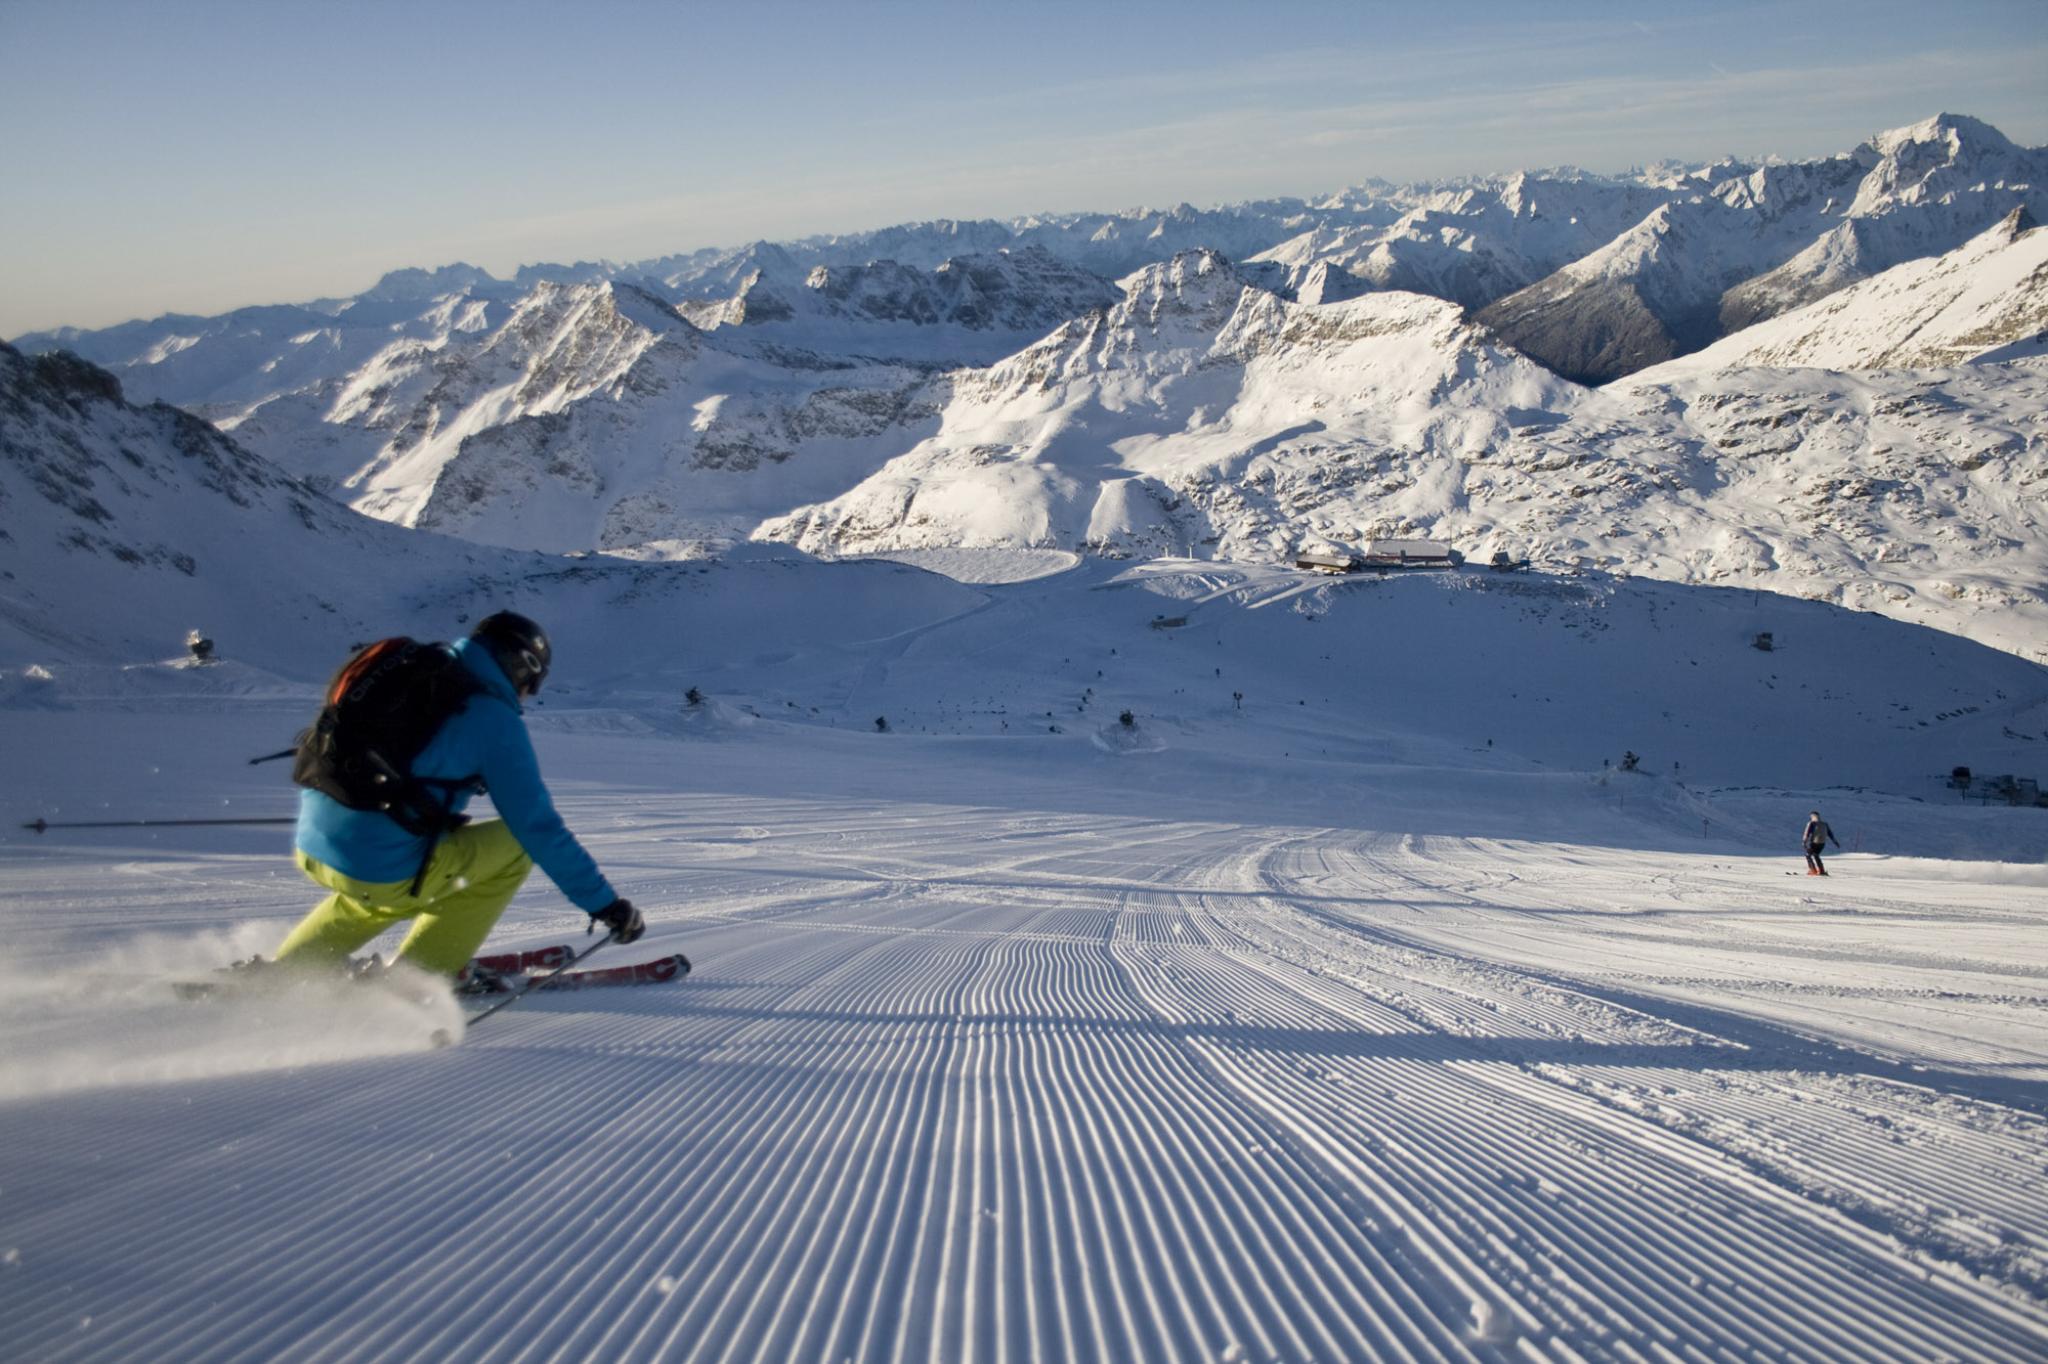 Molltaler Gletscher Tatry Mountain Resorts A S